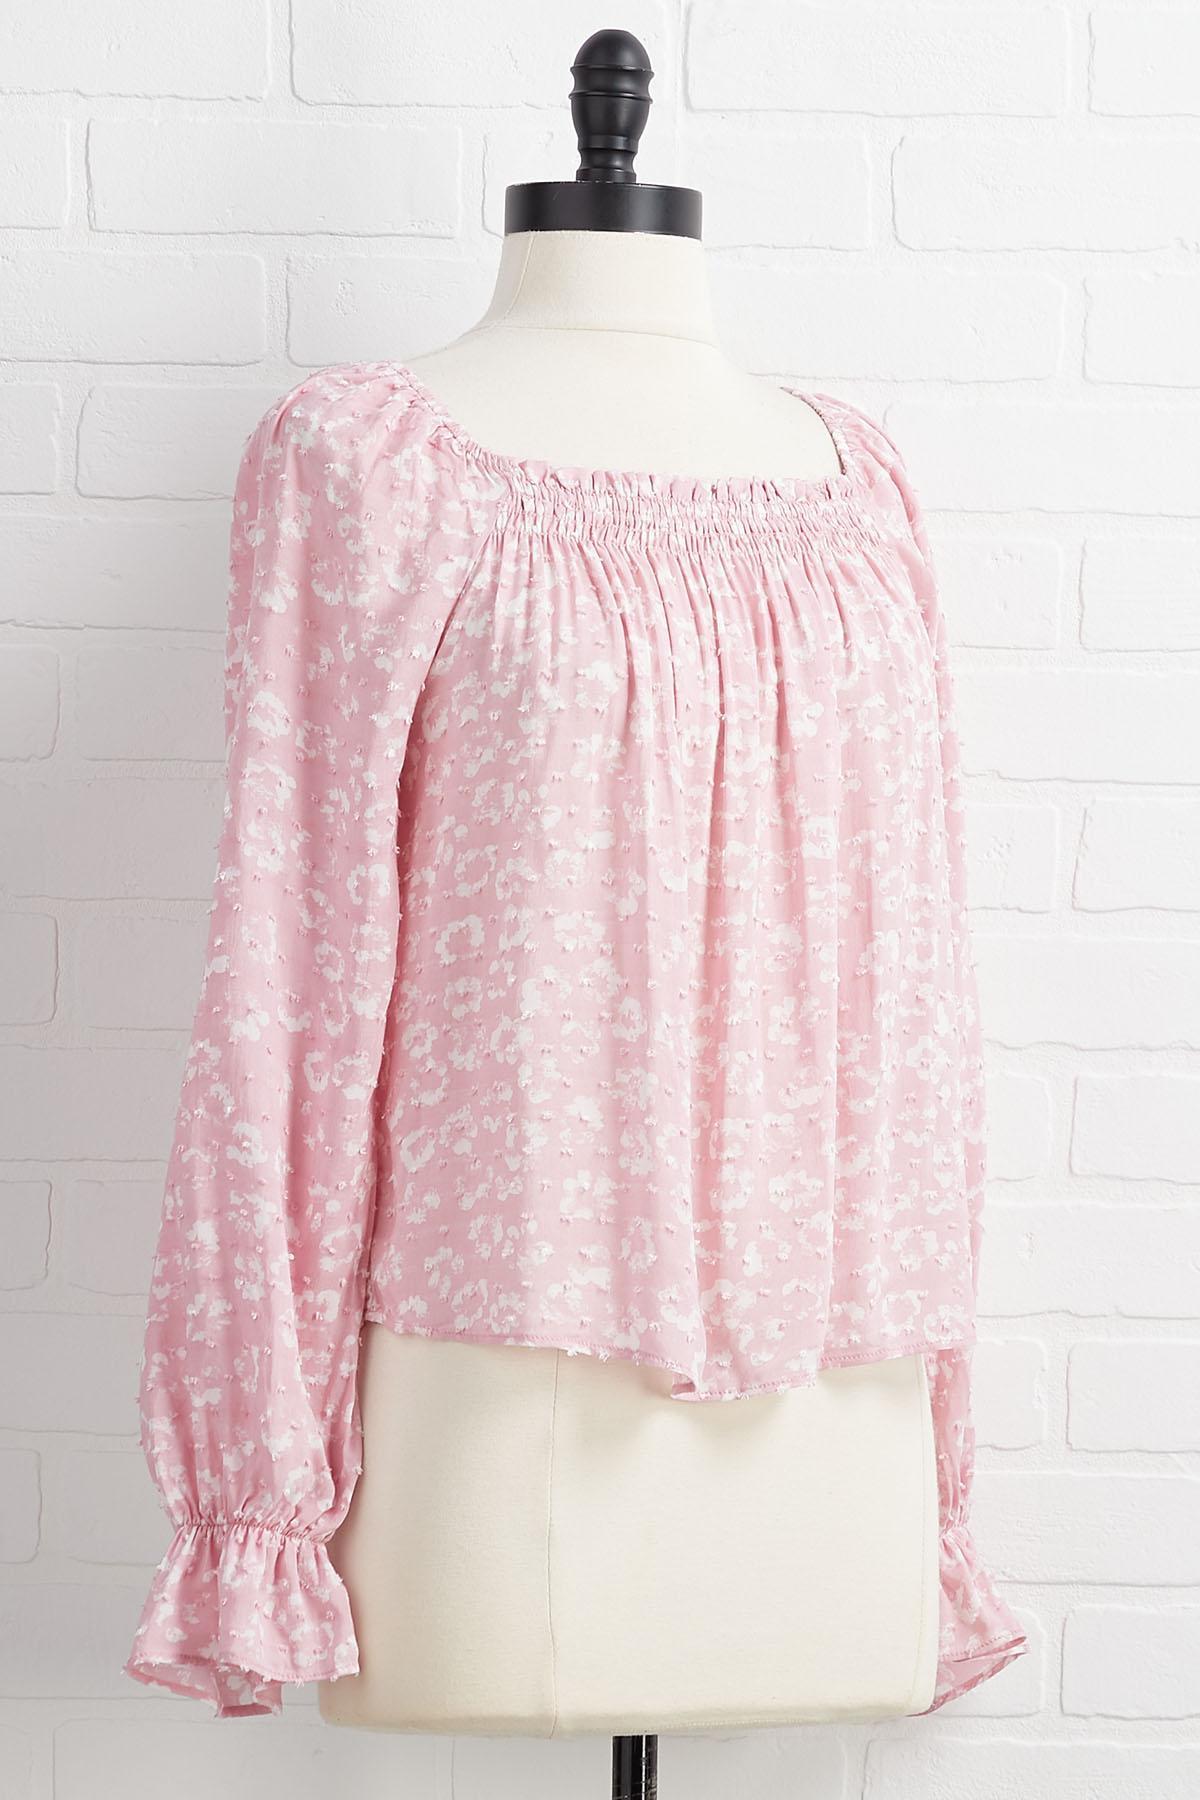 Wink At Pink Top